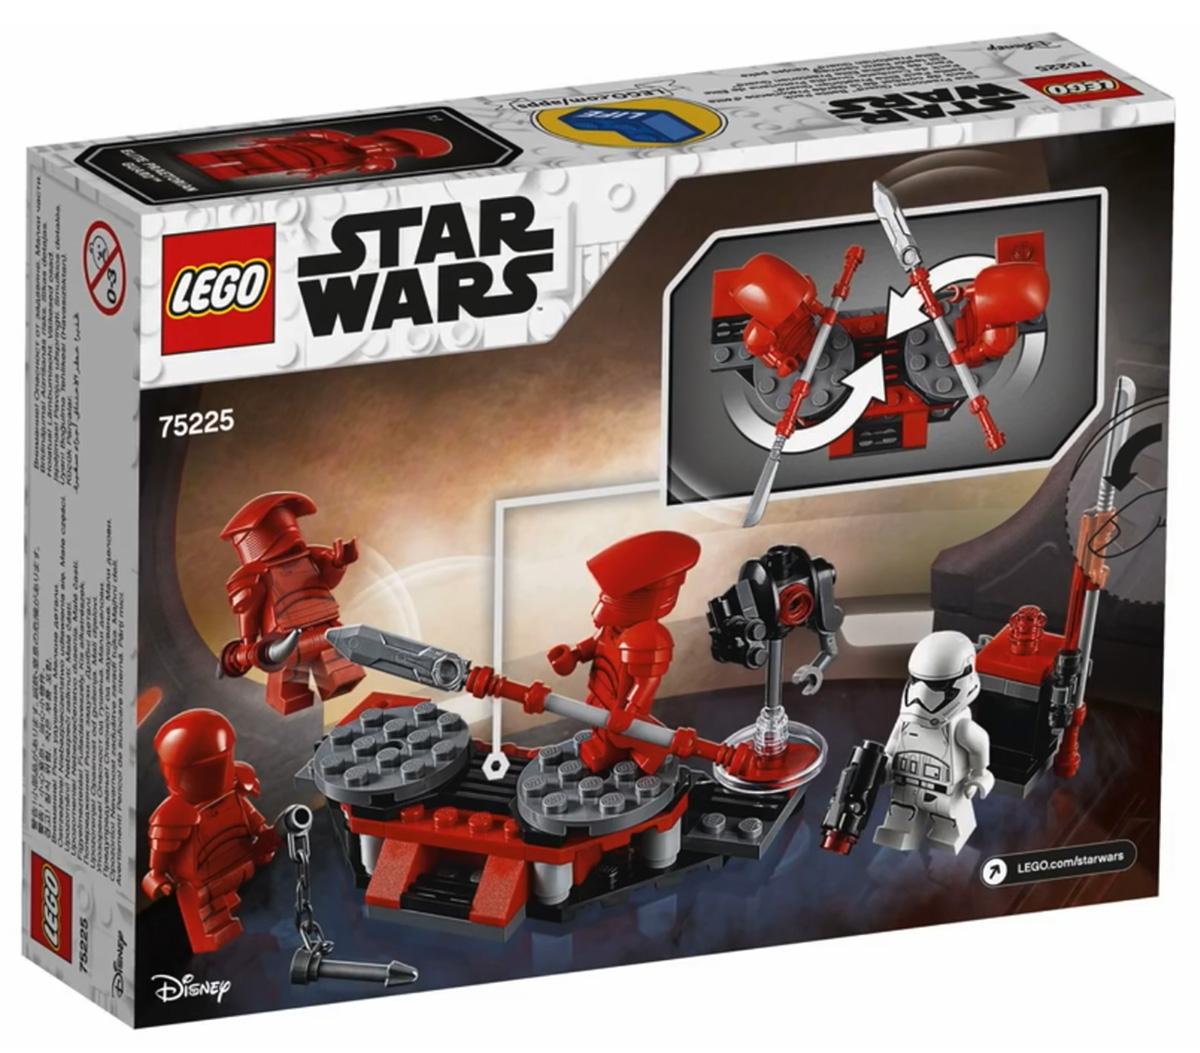 LEGO Star Wars 2019 Set Reveals - Jedi News